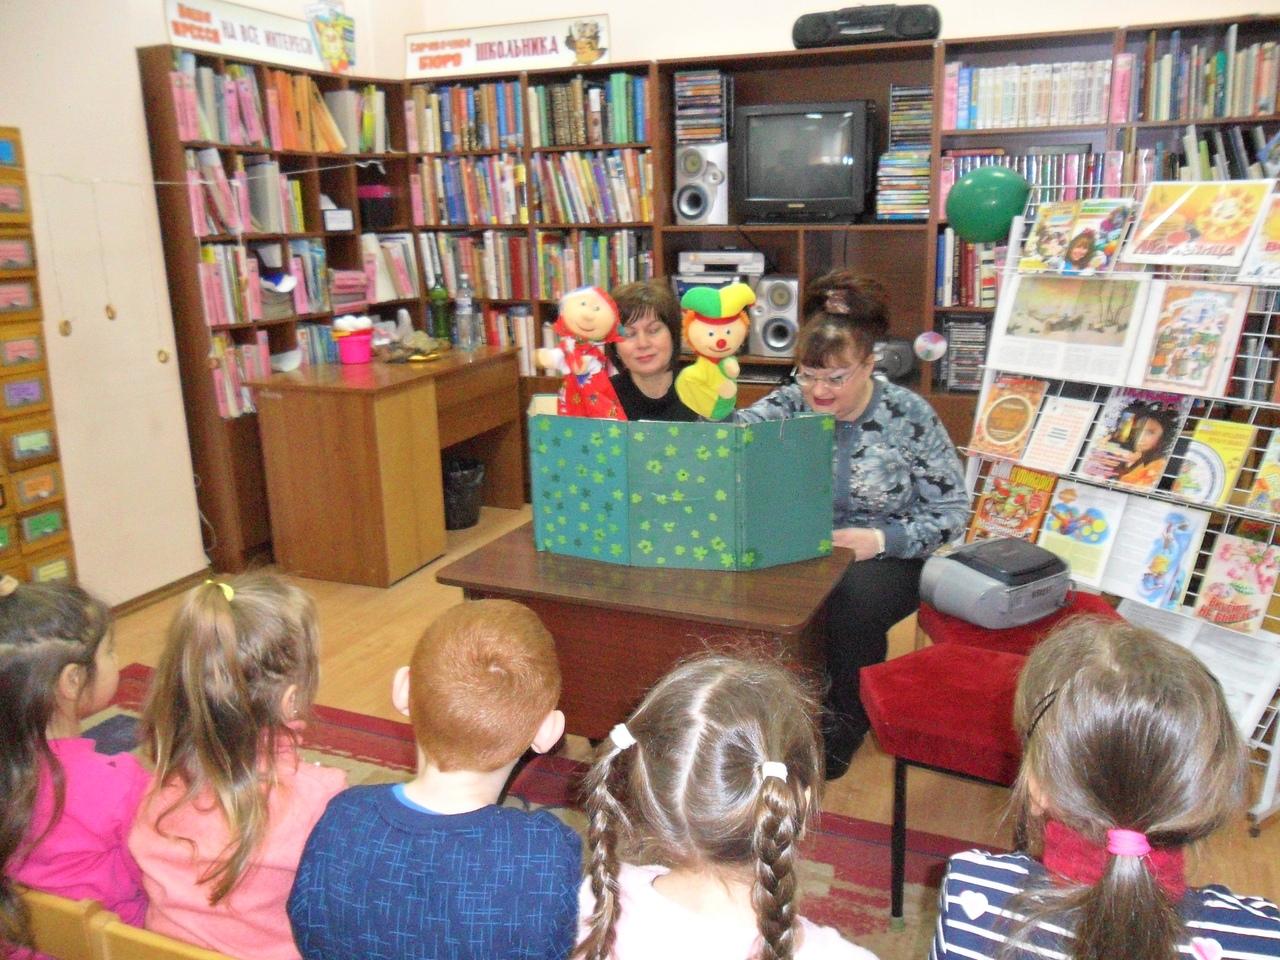 донецкая республиканская библиотека для детей, отдел искусств, народные традиции и обряды, масленица, занятия с детьми